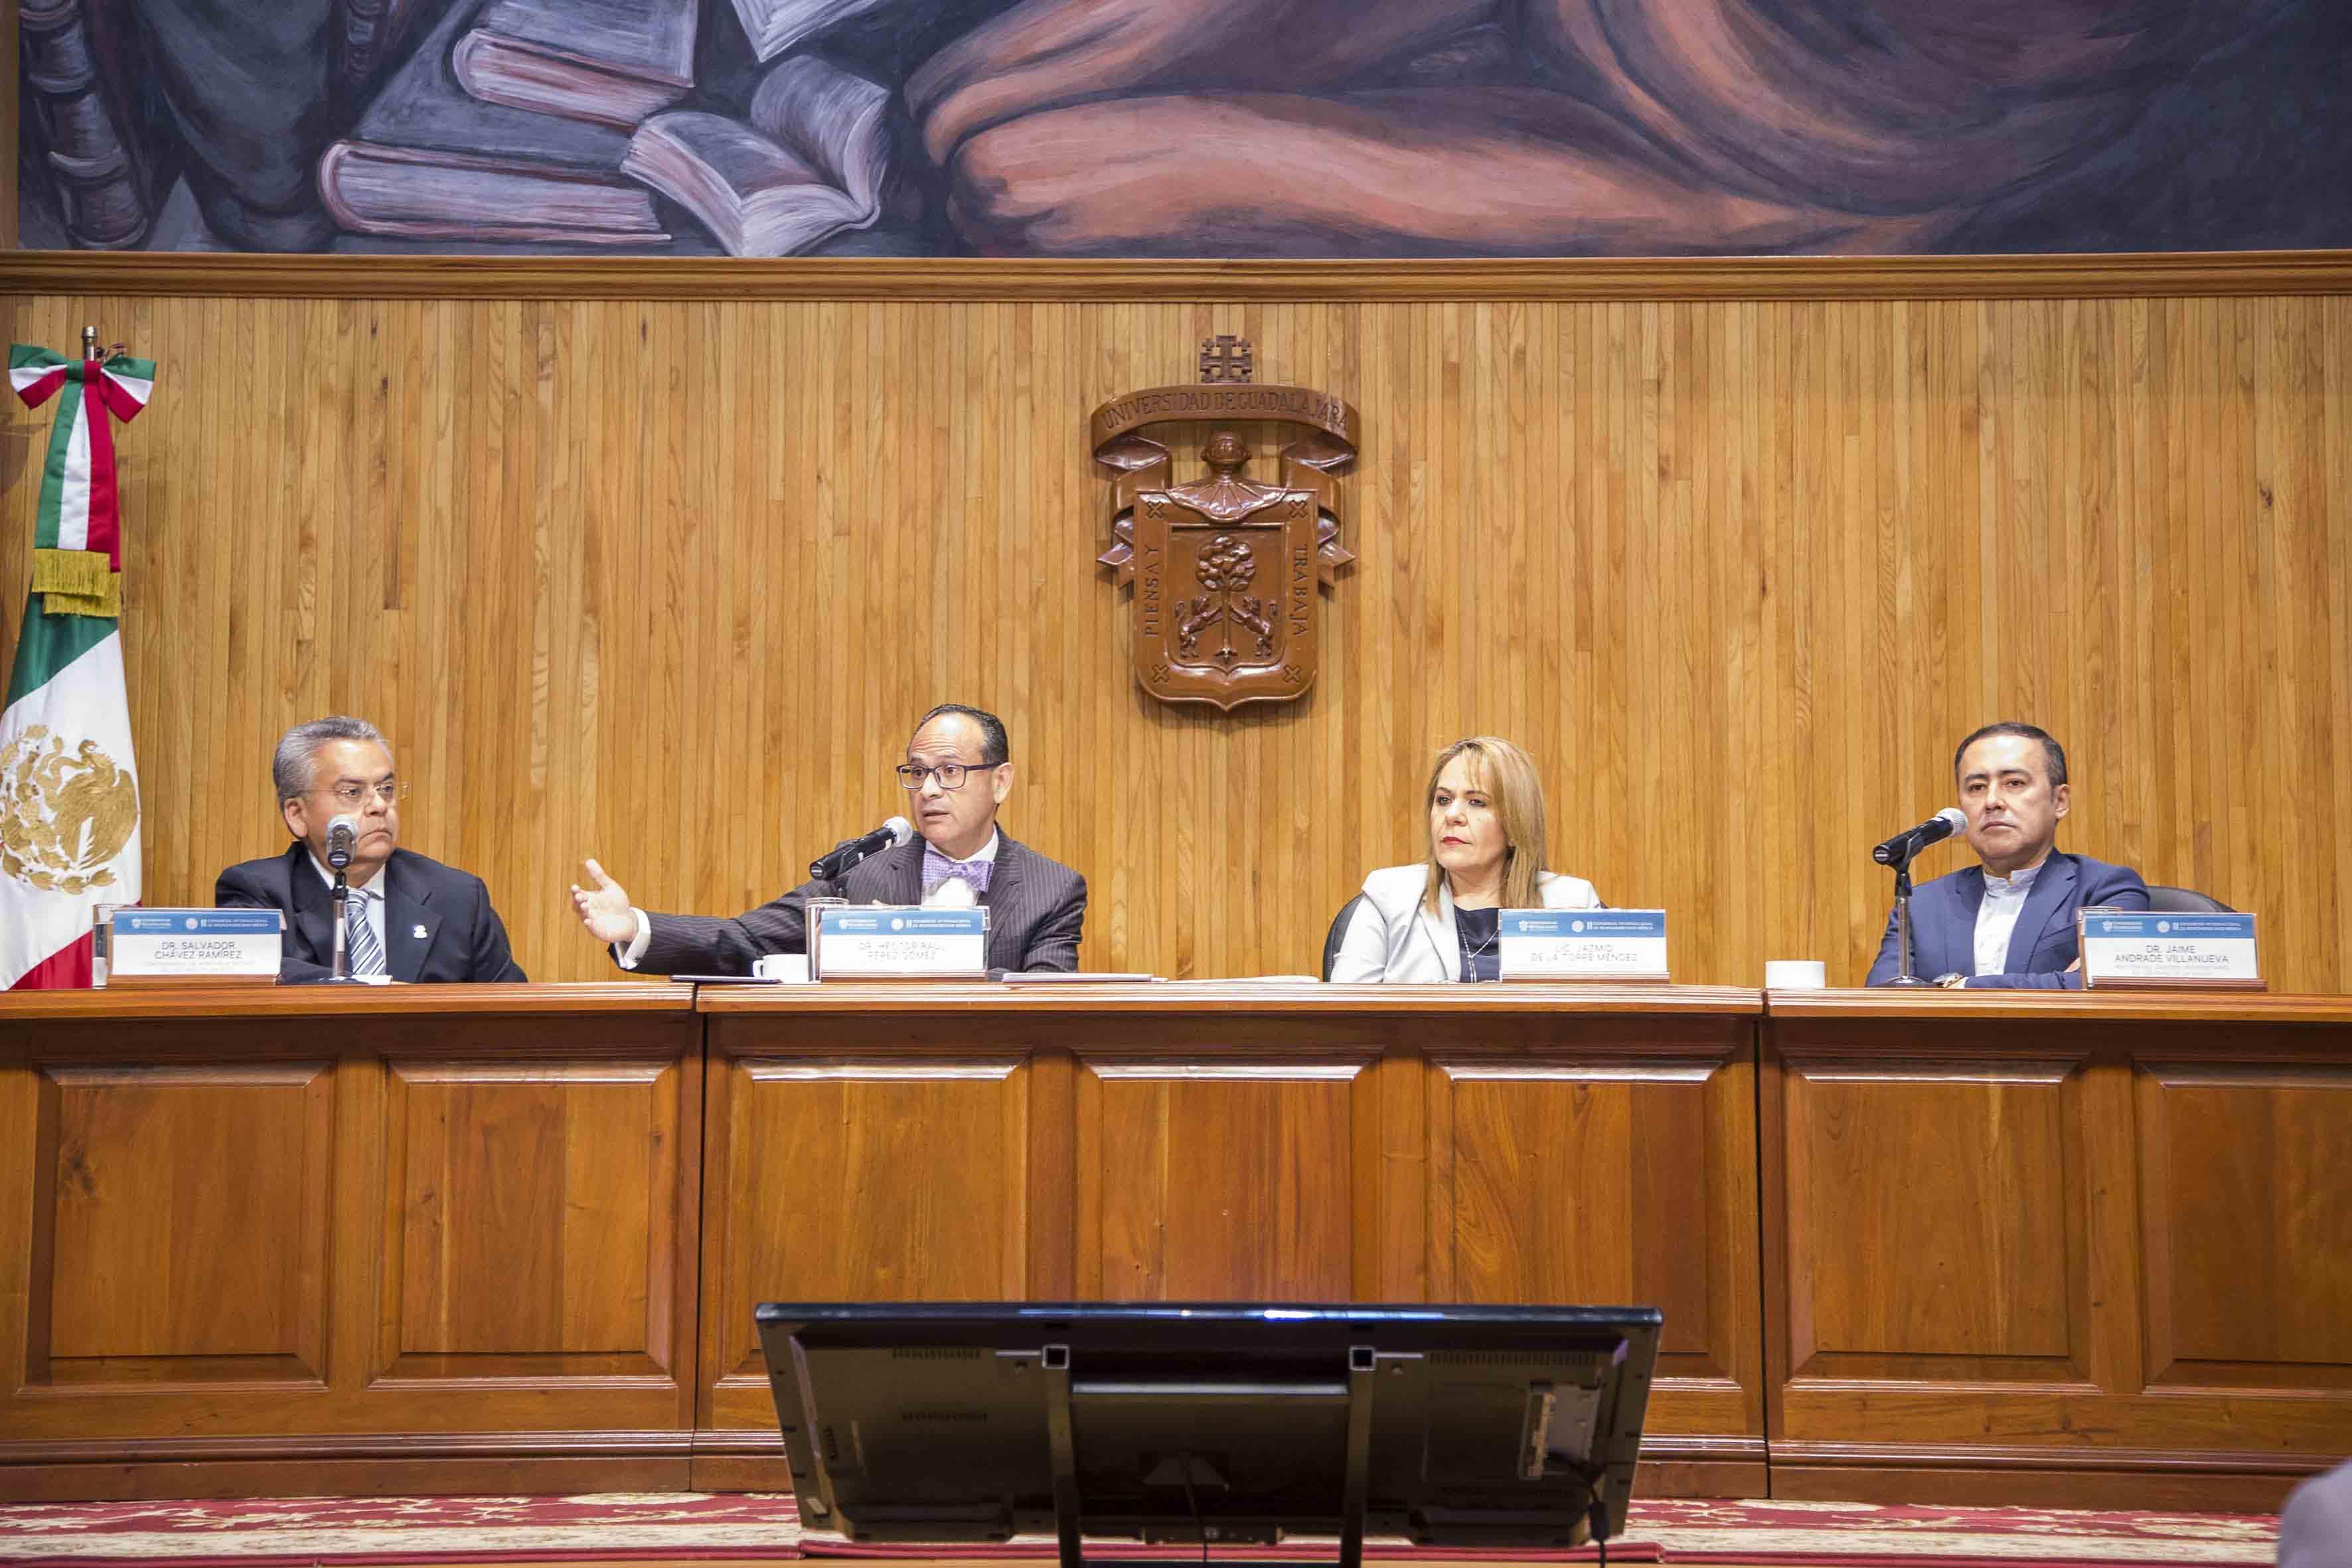 Director del Hospital Civil de Guadalajara (HCG), doctor Héctor Raúl Pérez Gómez, durante la ceremonia de clausura